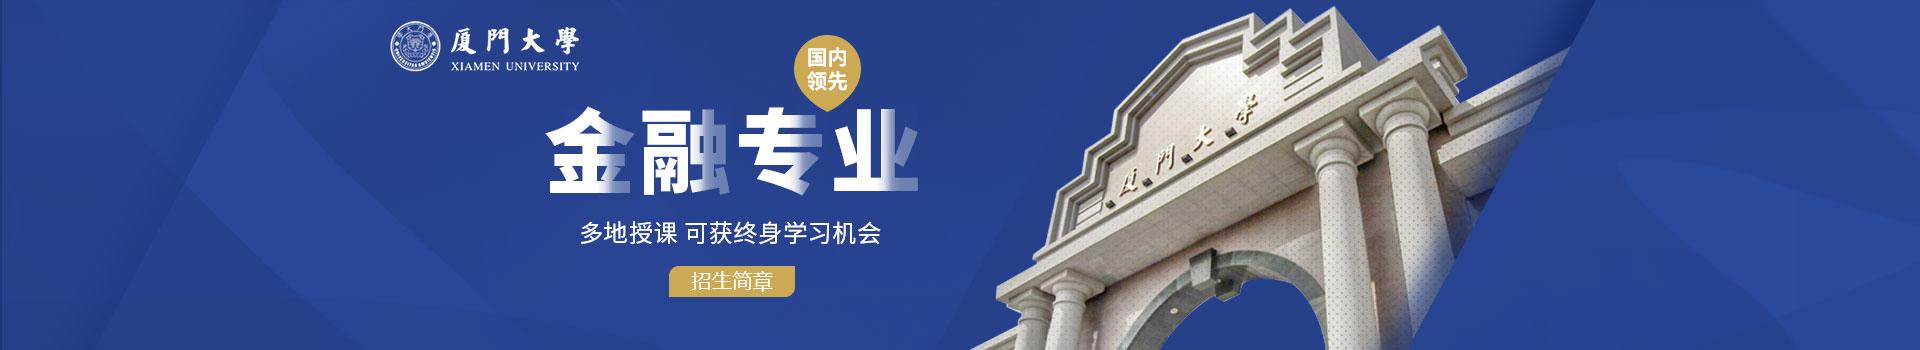 厦门大学金融学在职研修班招生简章(深圳班)